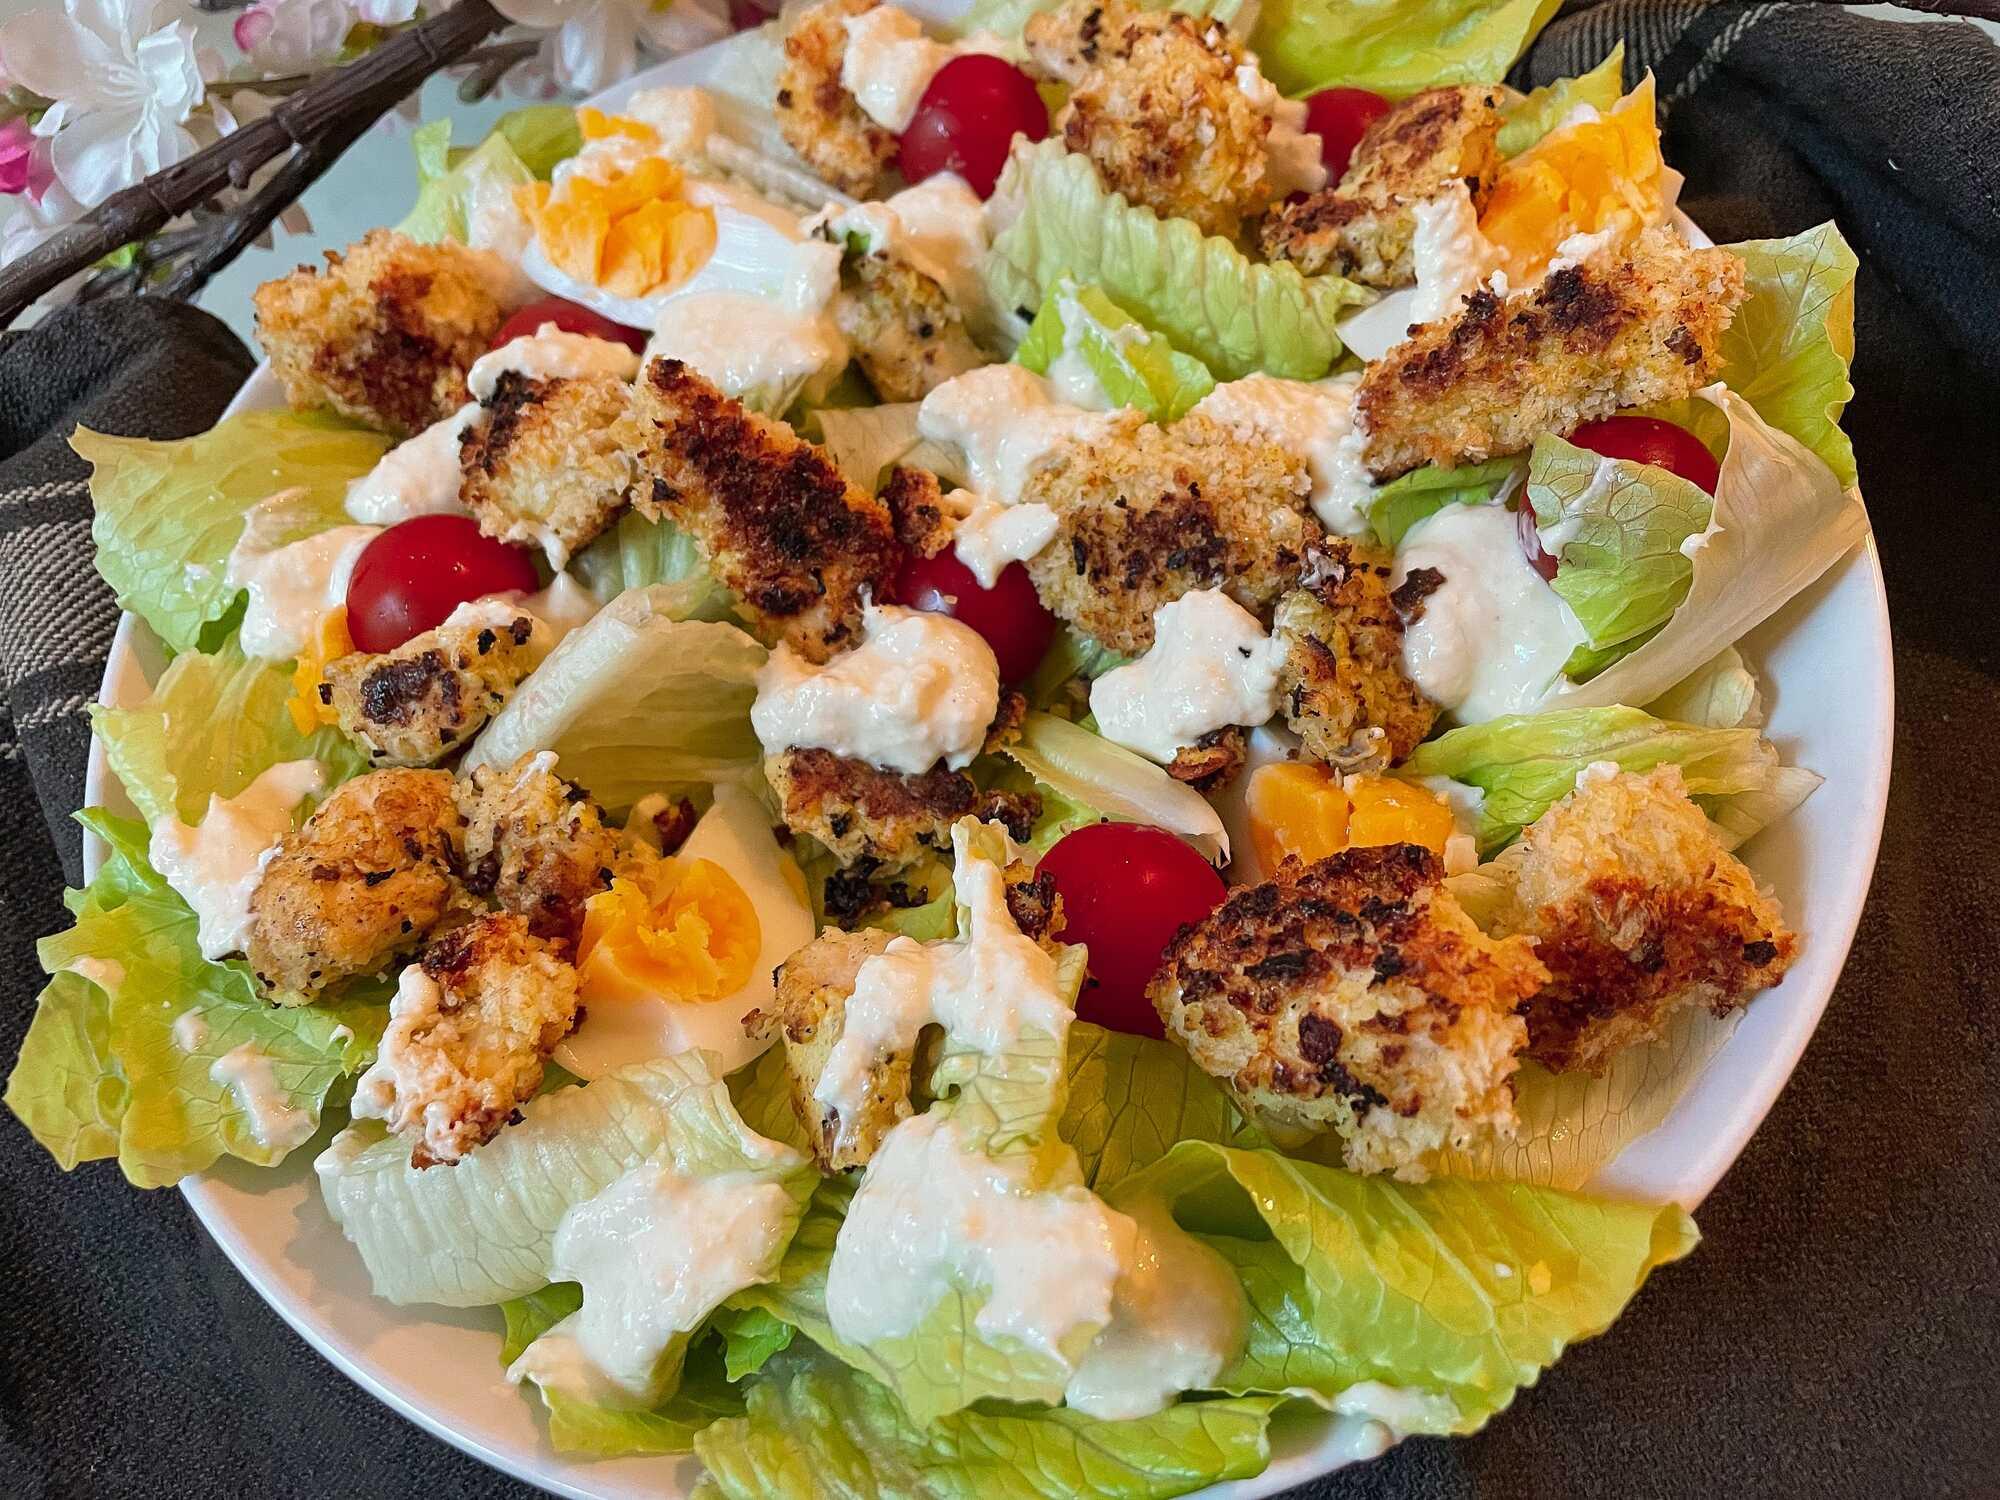 Cette salade est composée avec des tomates cerises, des oeufs, de la sauce blanche et des morceaux de poulet panés.